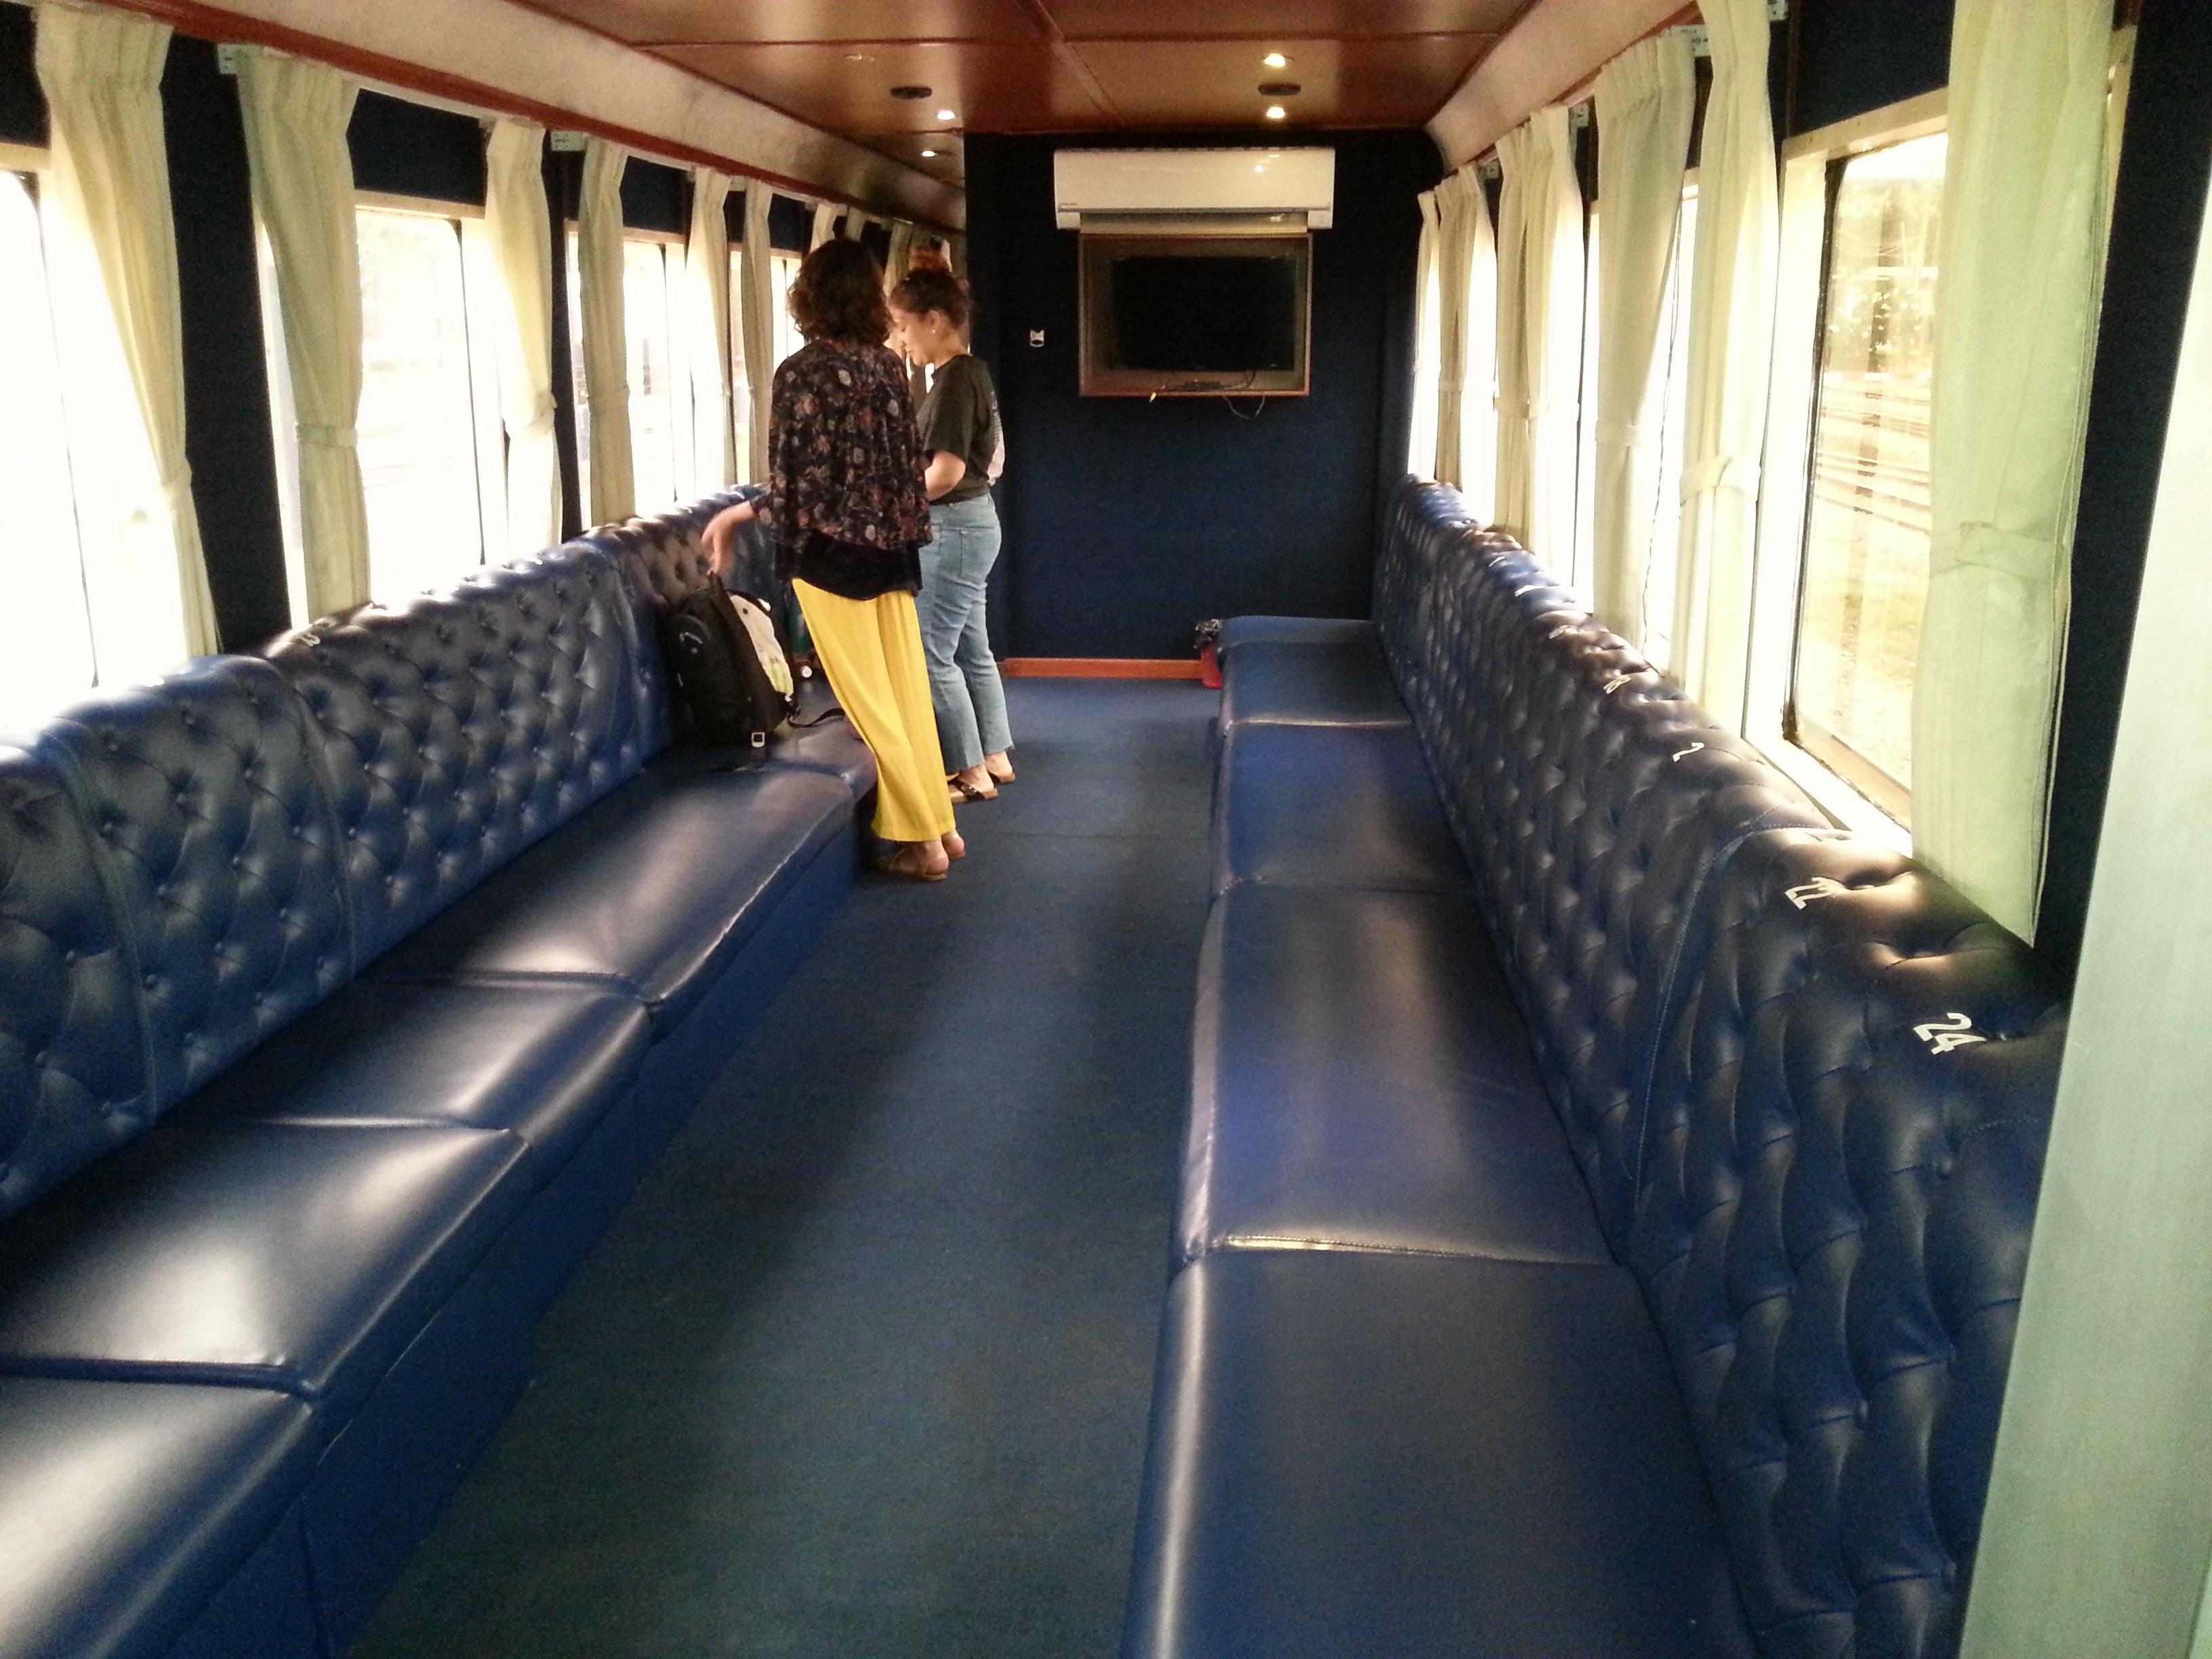 Sofa style seats on a Cambodia train